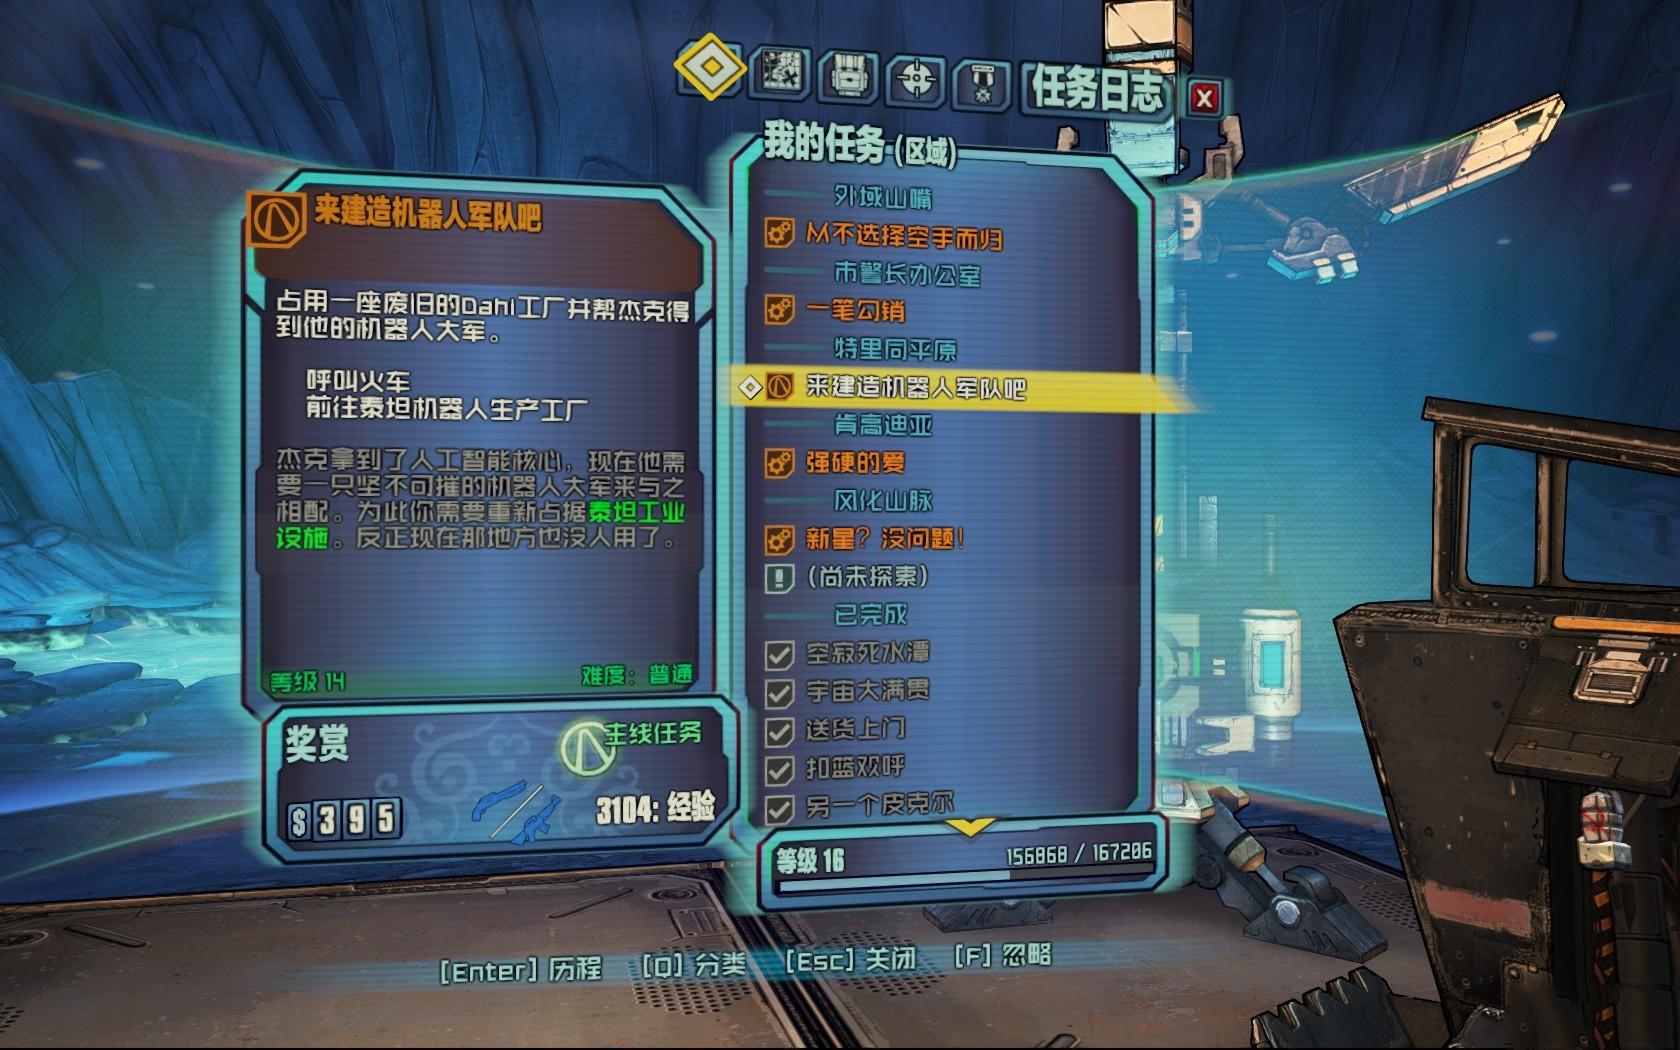 无主之地:前传 6号升级档+DLC+破解补丁[3DM]